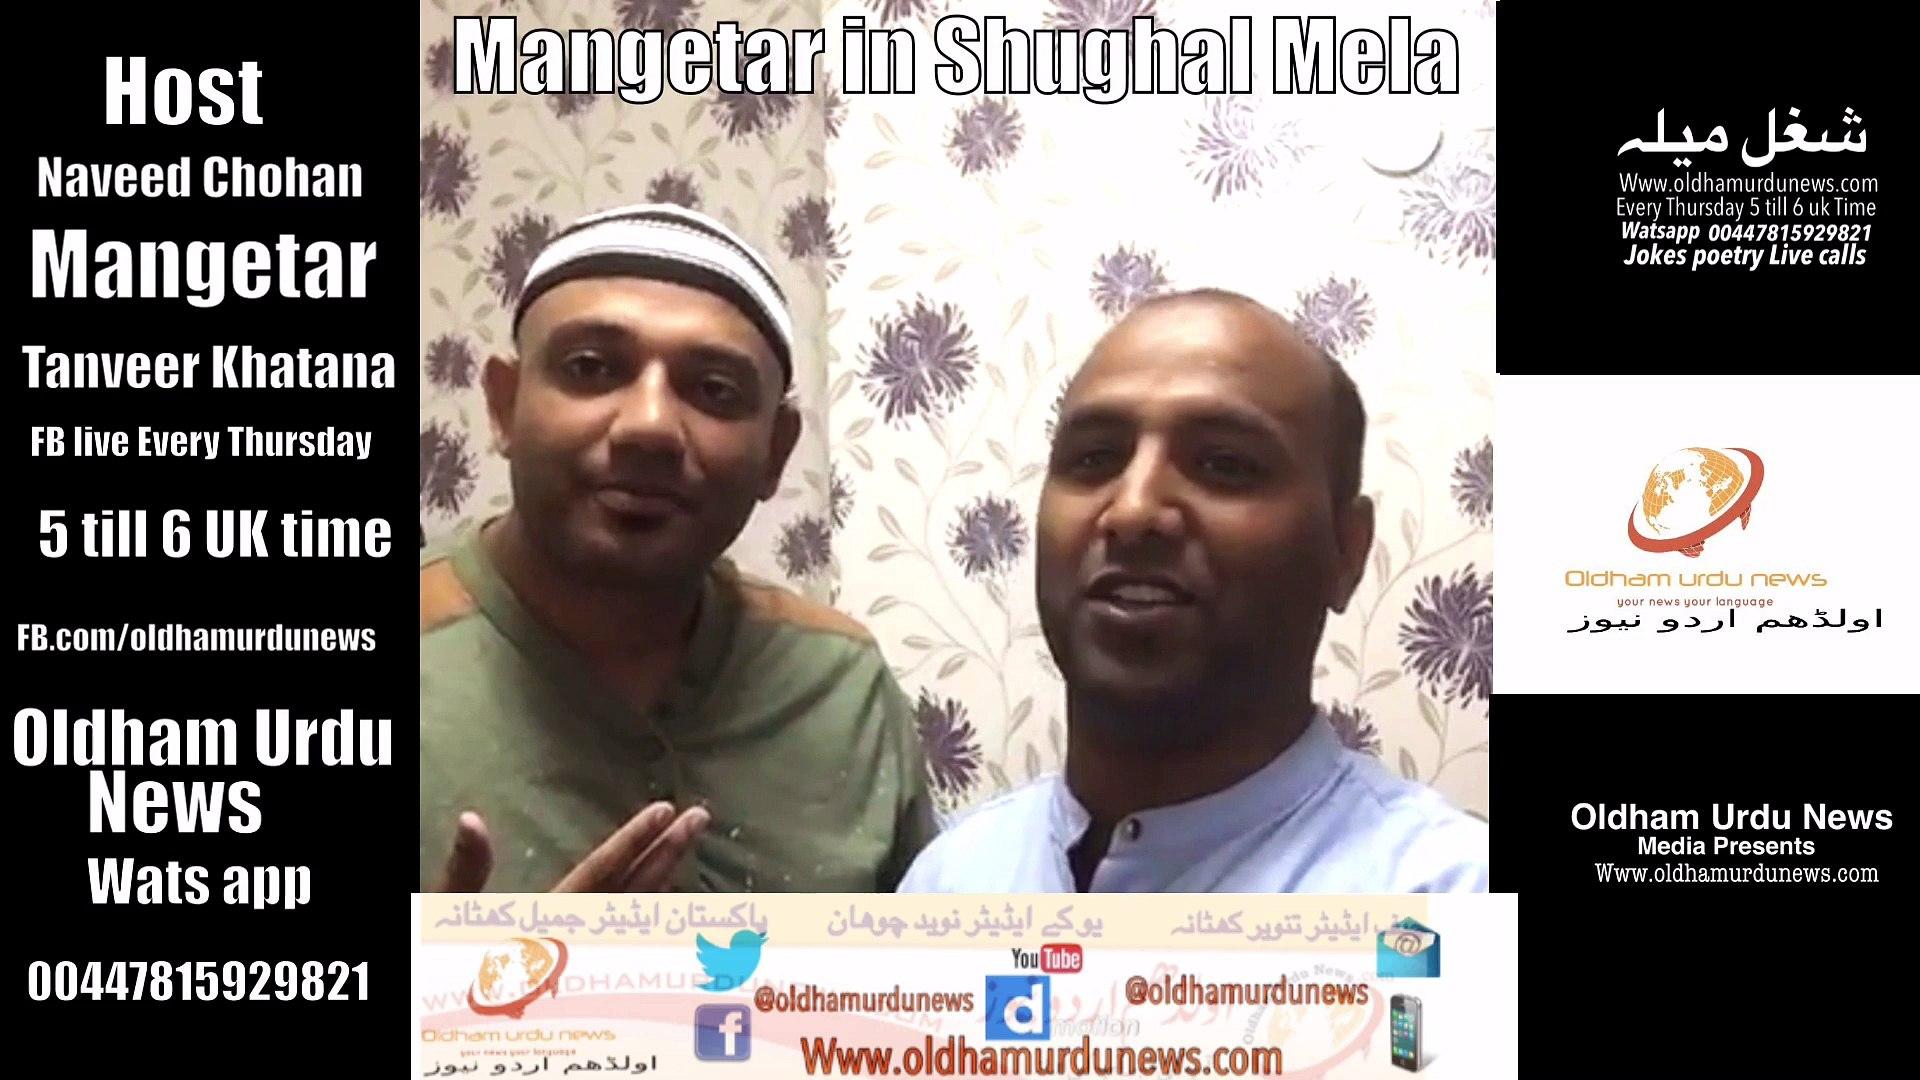 Mangetar in Shughal Mela